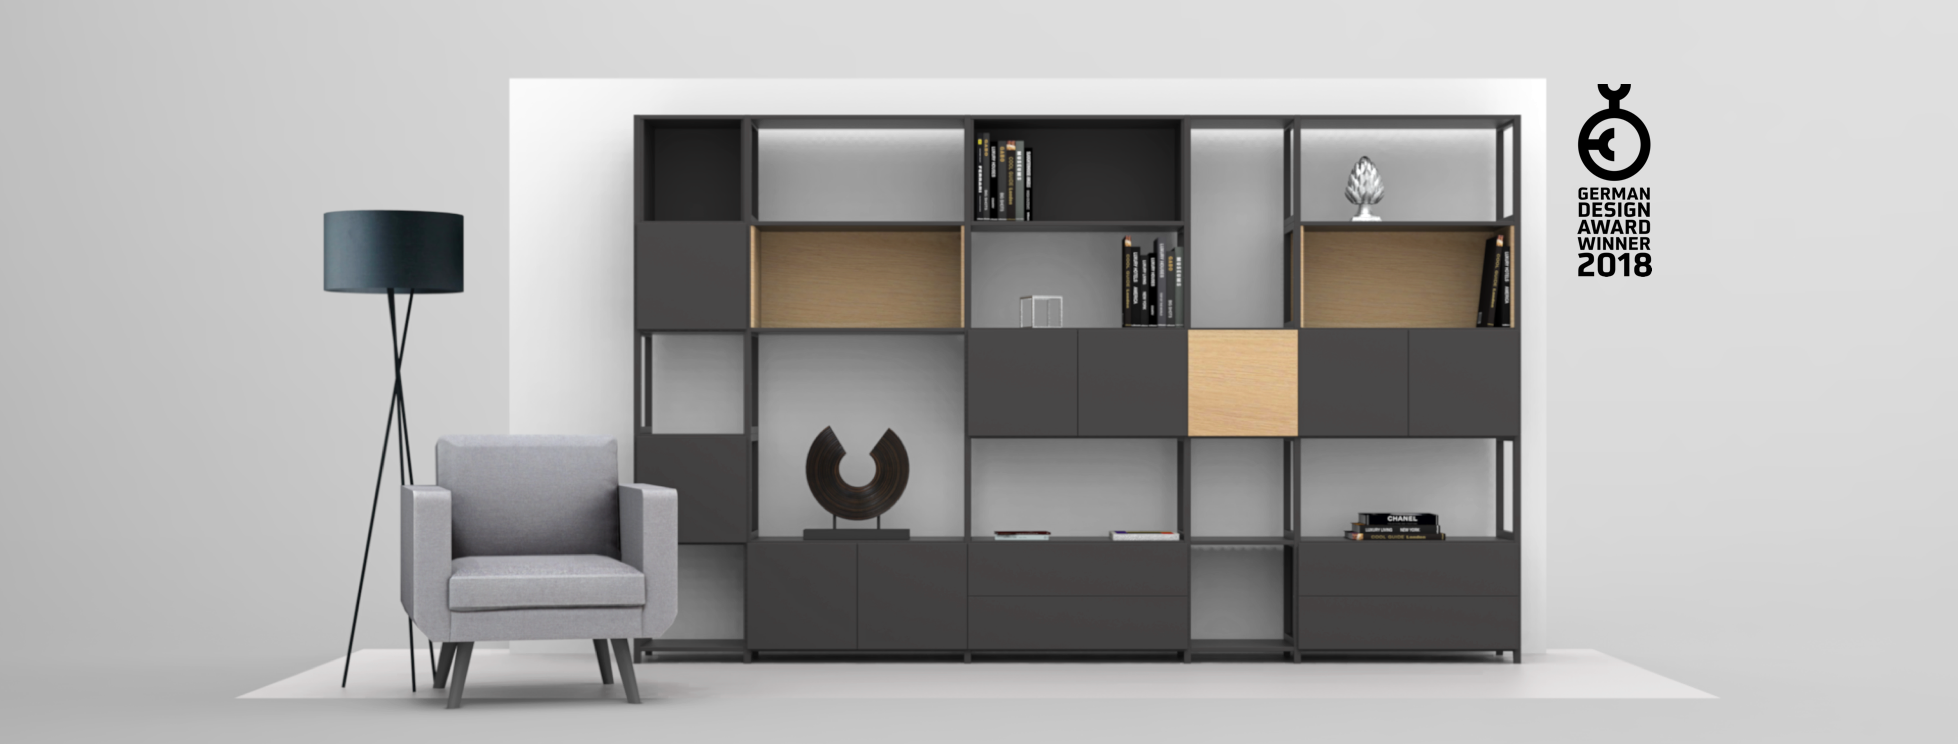 Wohnwand Stauraum Schaffen Mit Ideen Bei Couch